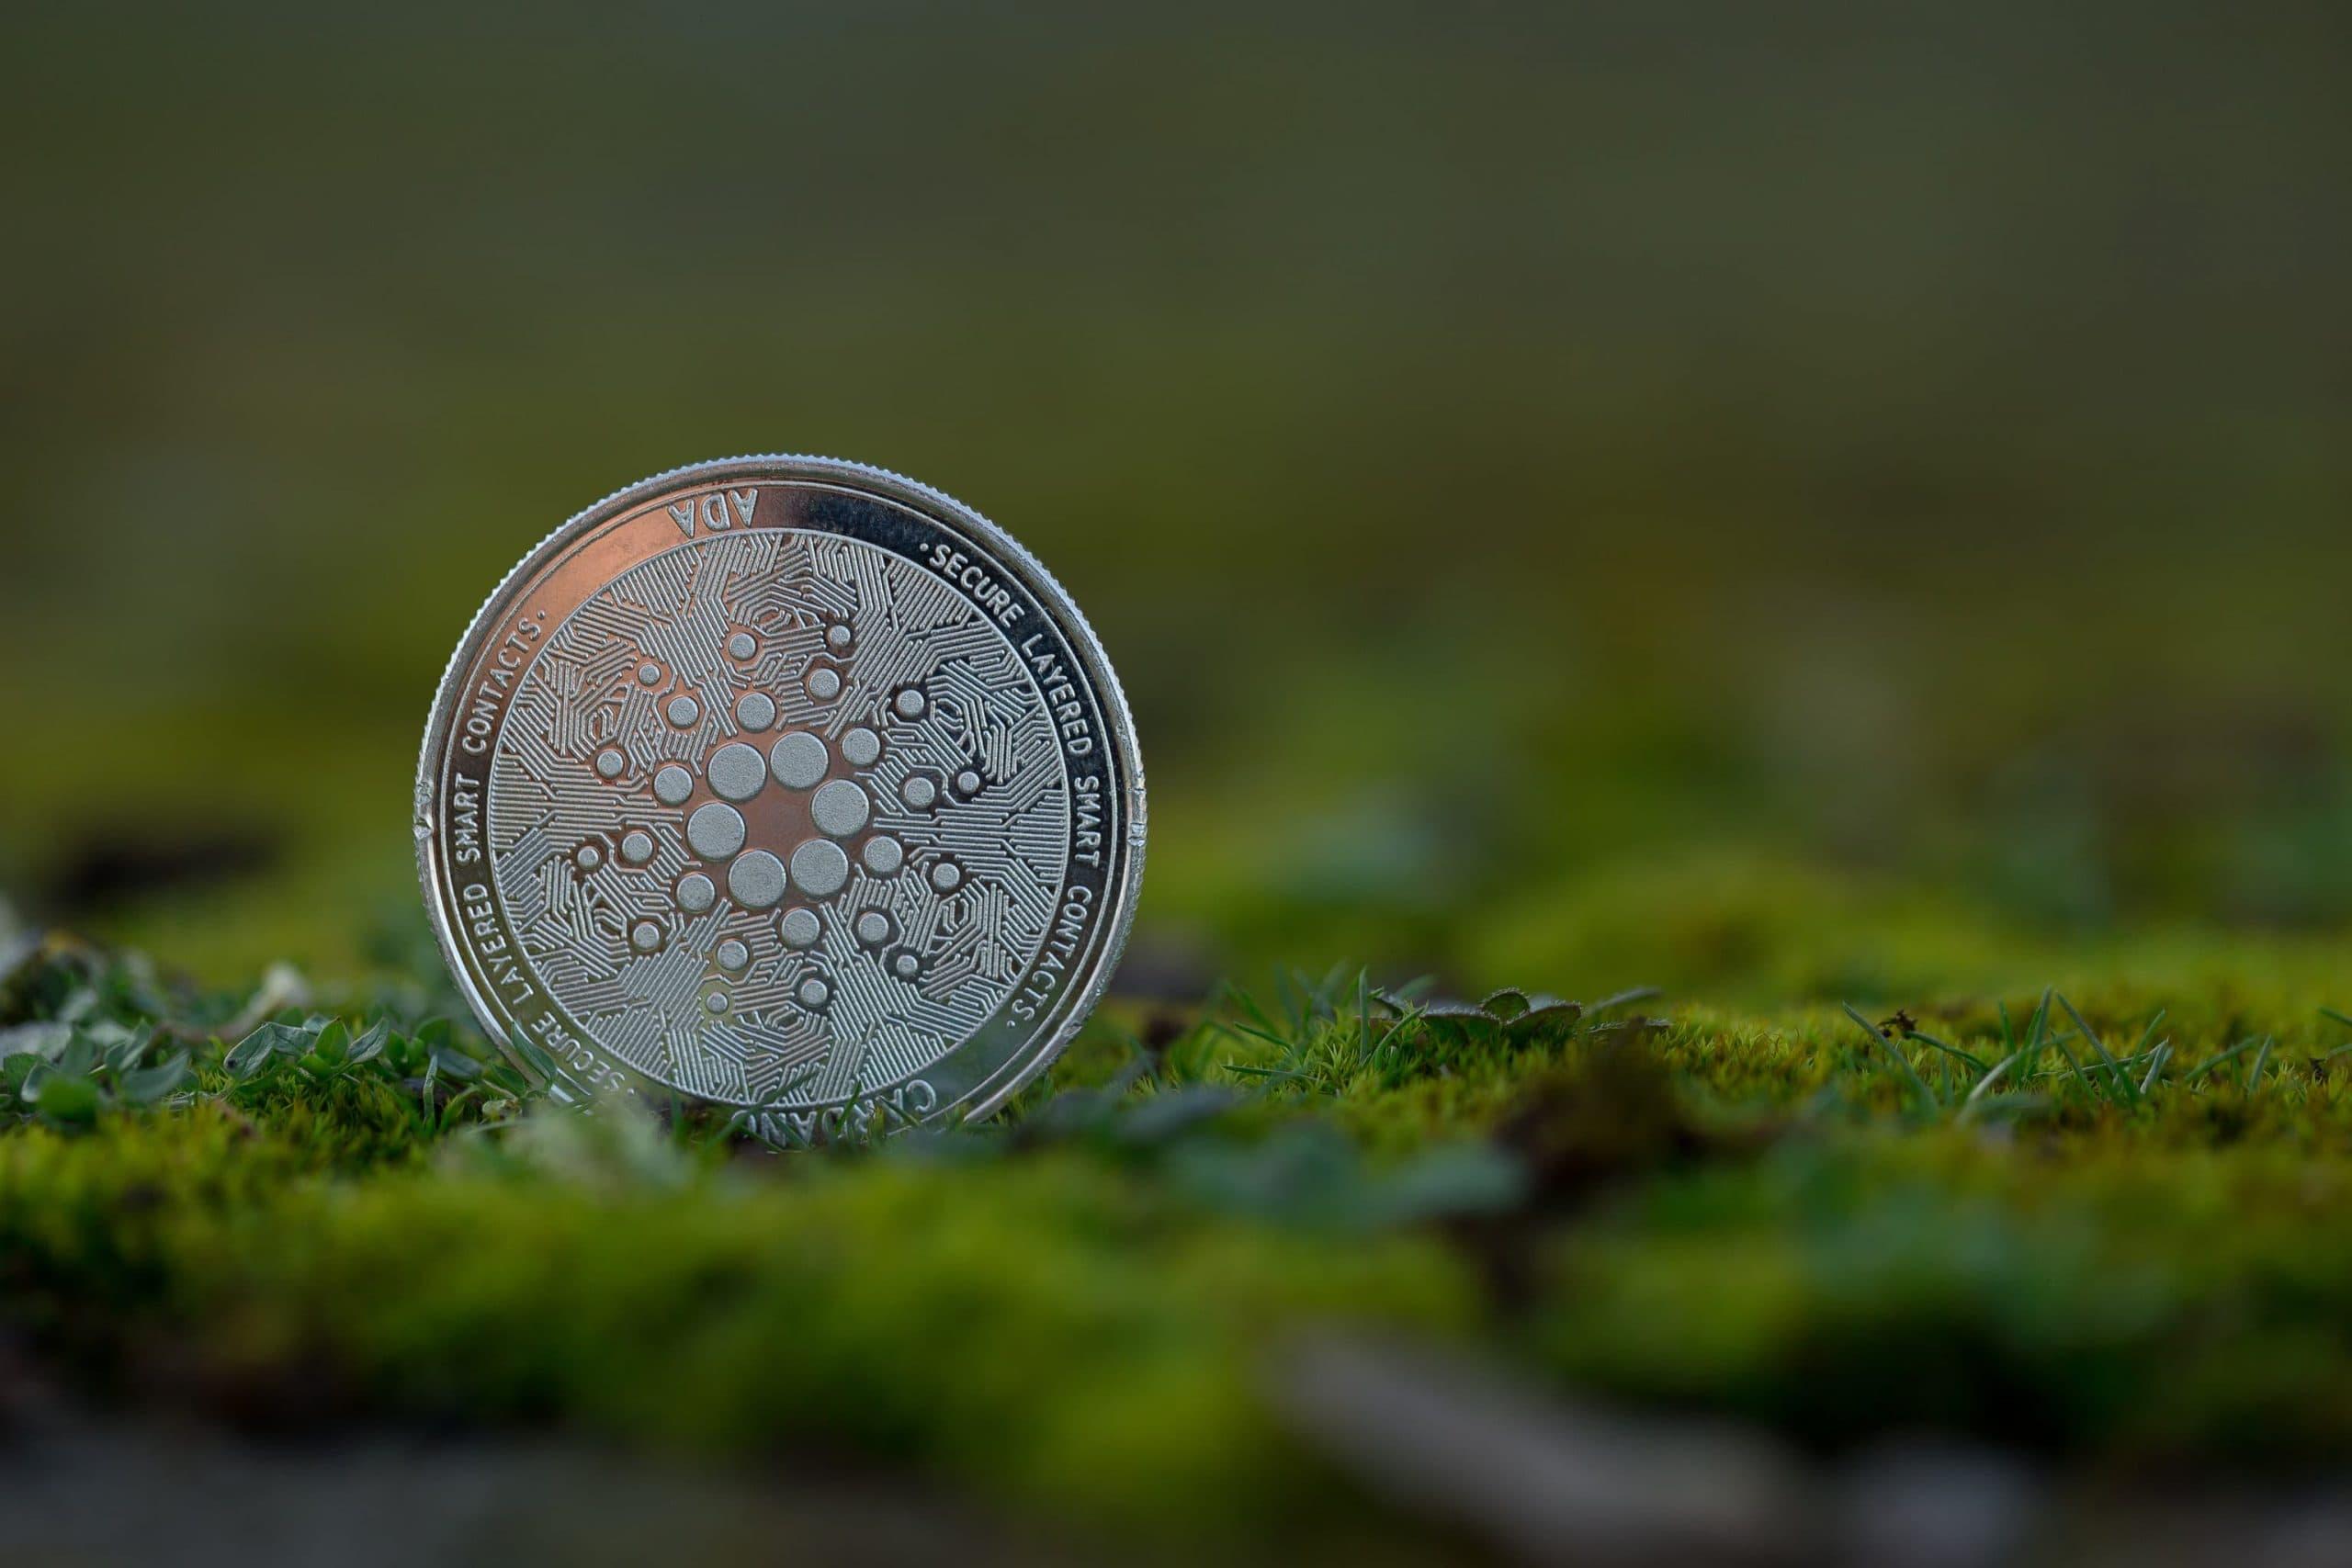 Cardano Münze